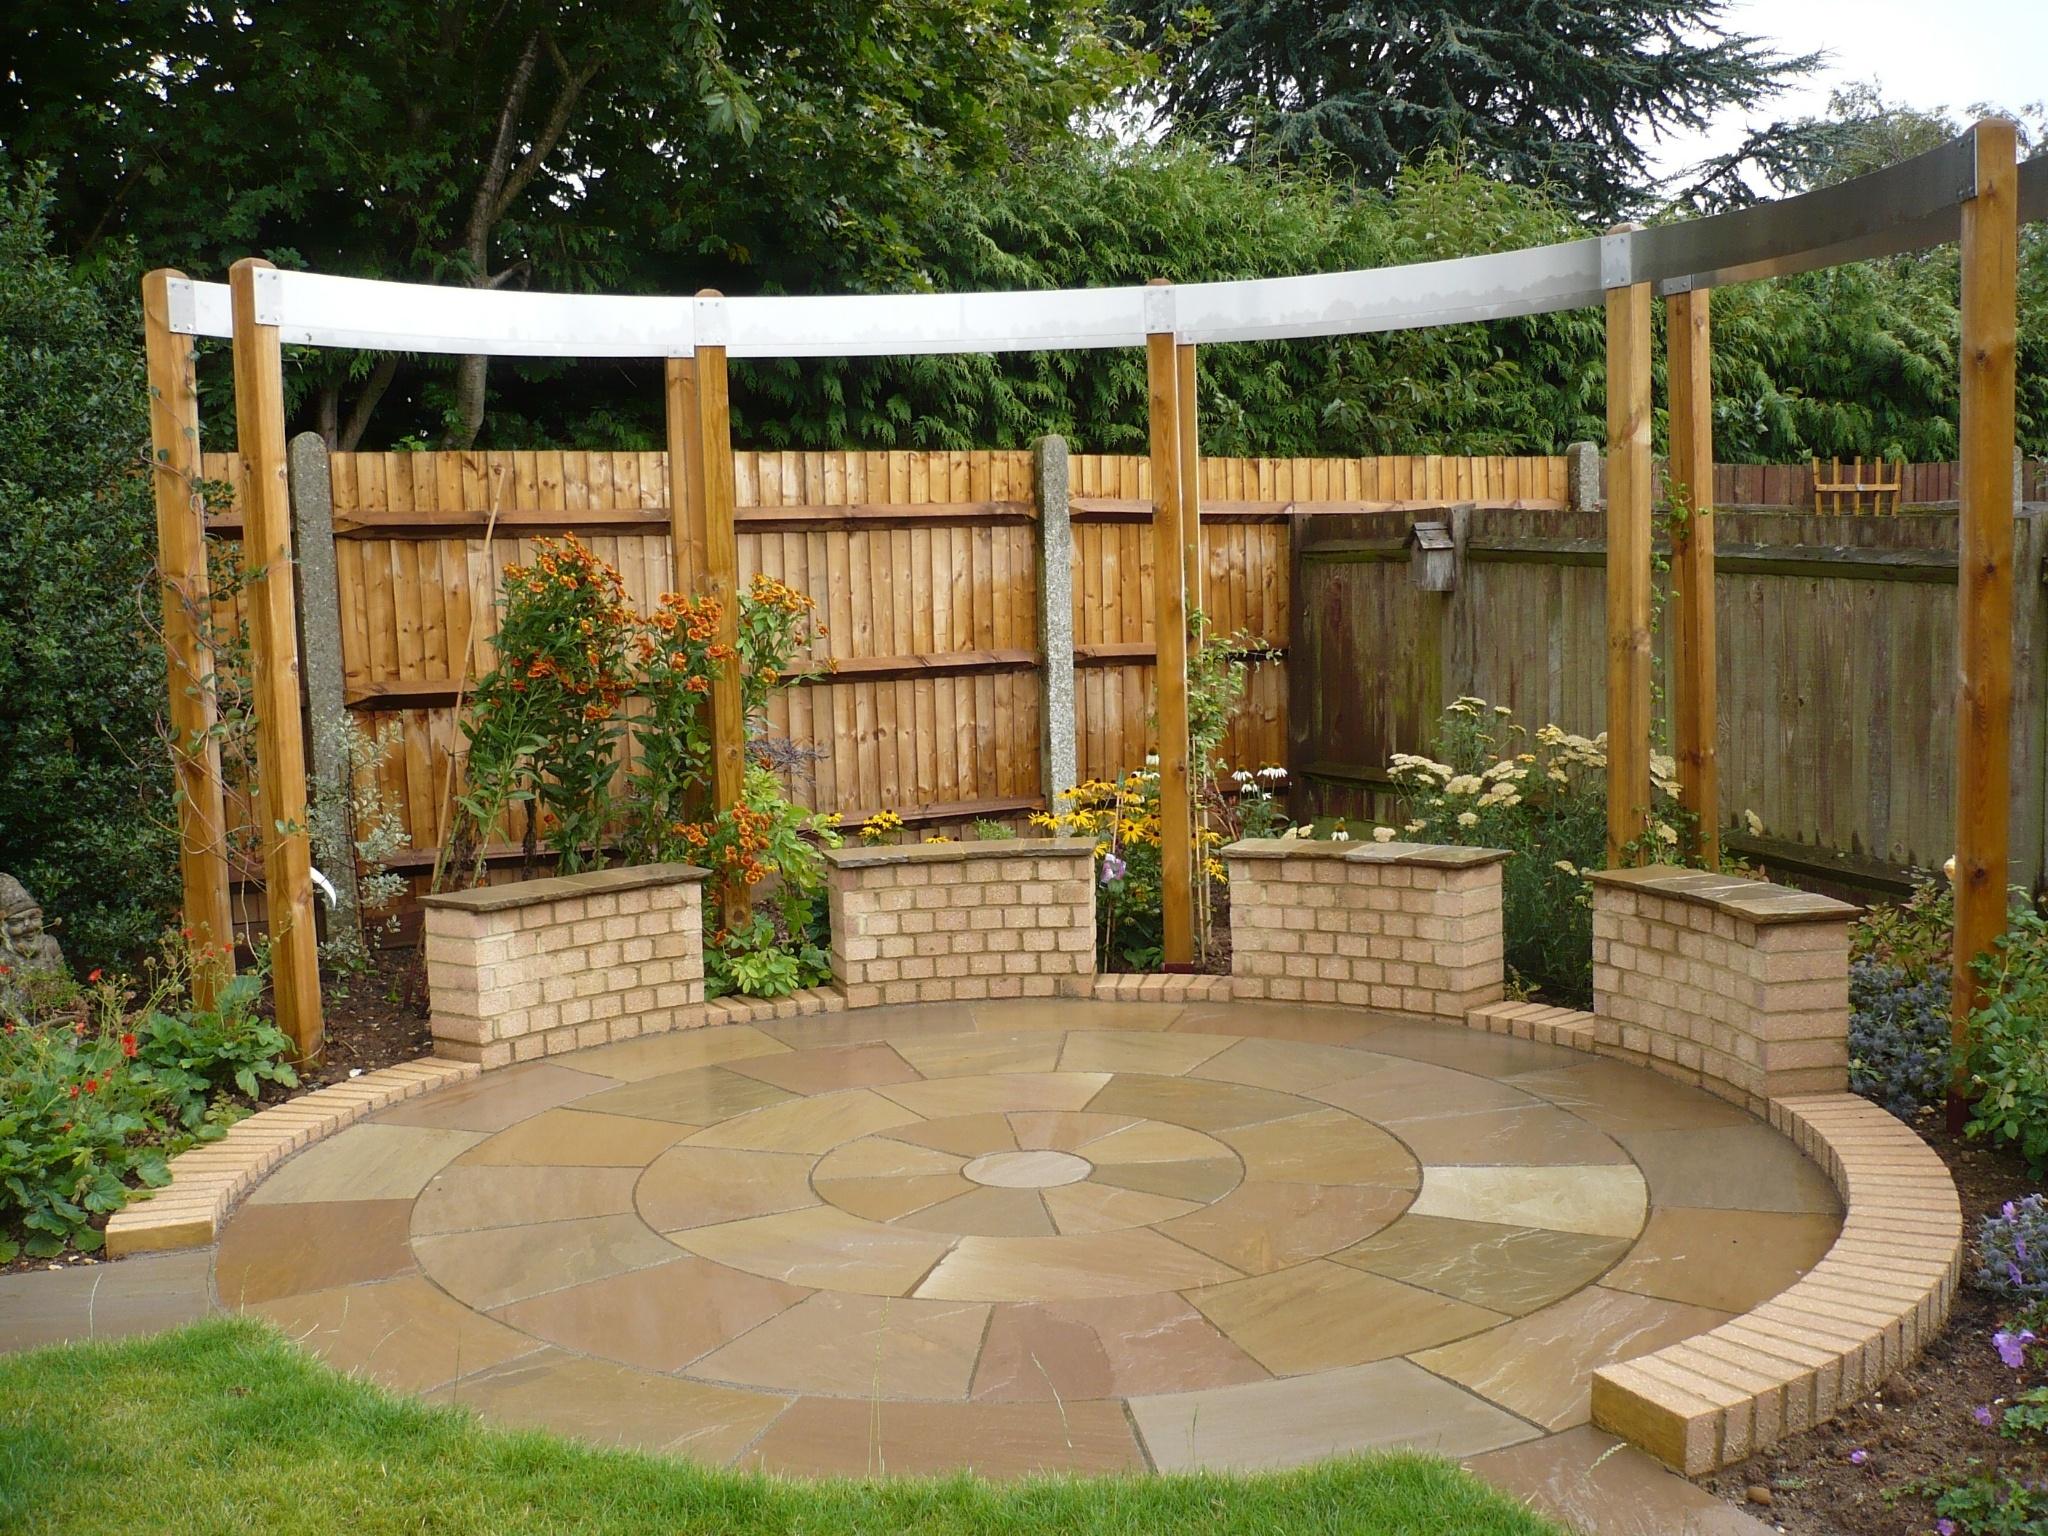 Garden_walls_brickwork_8.jpg